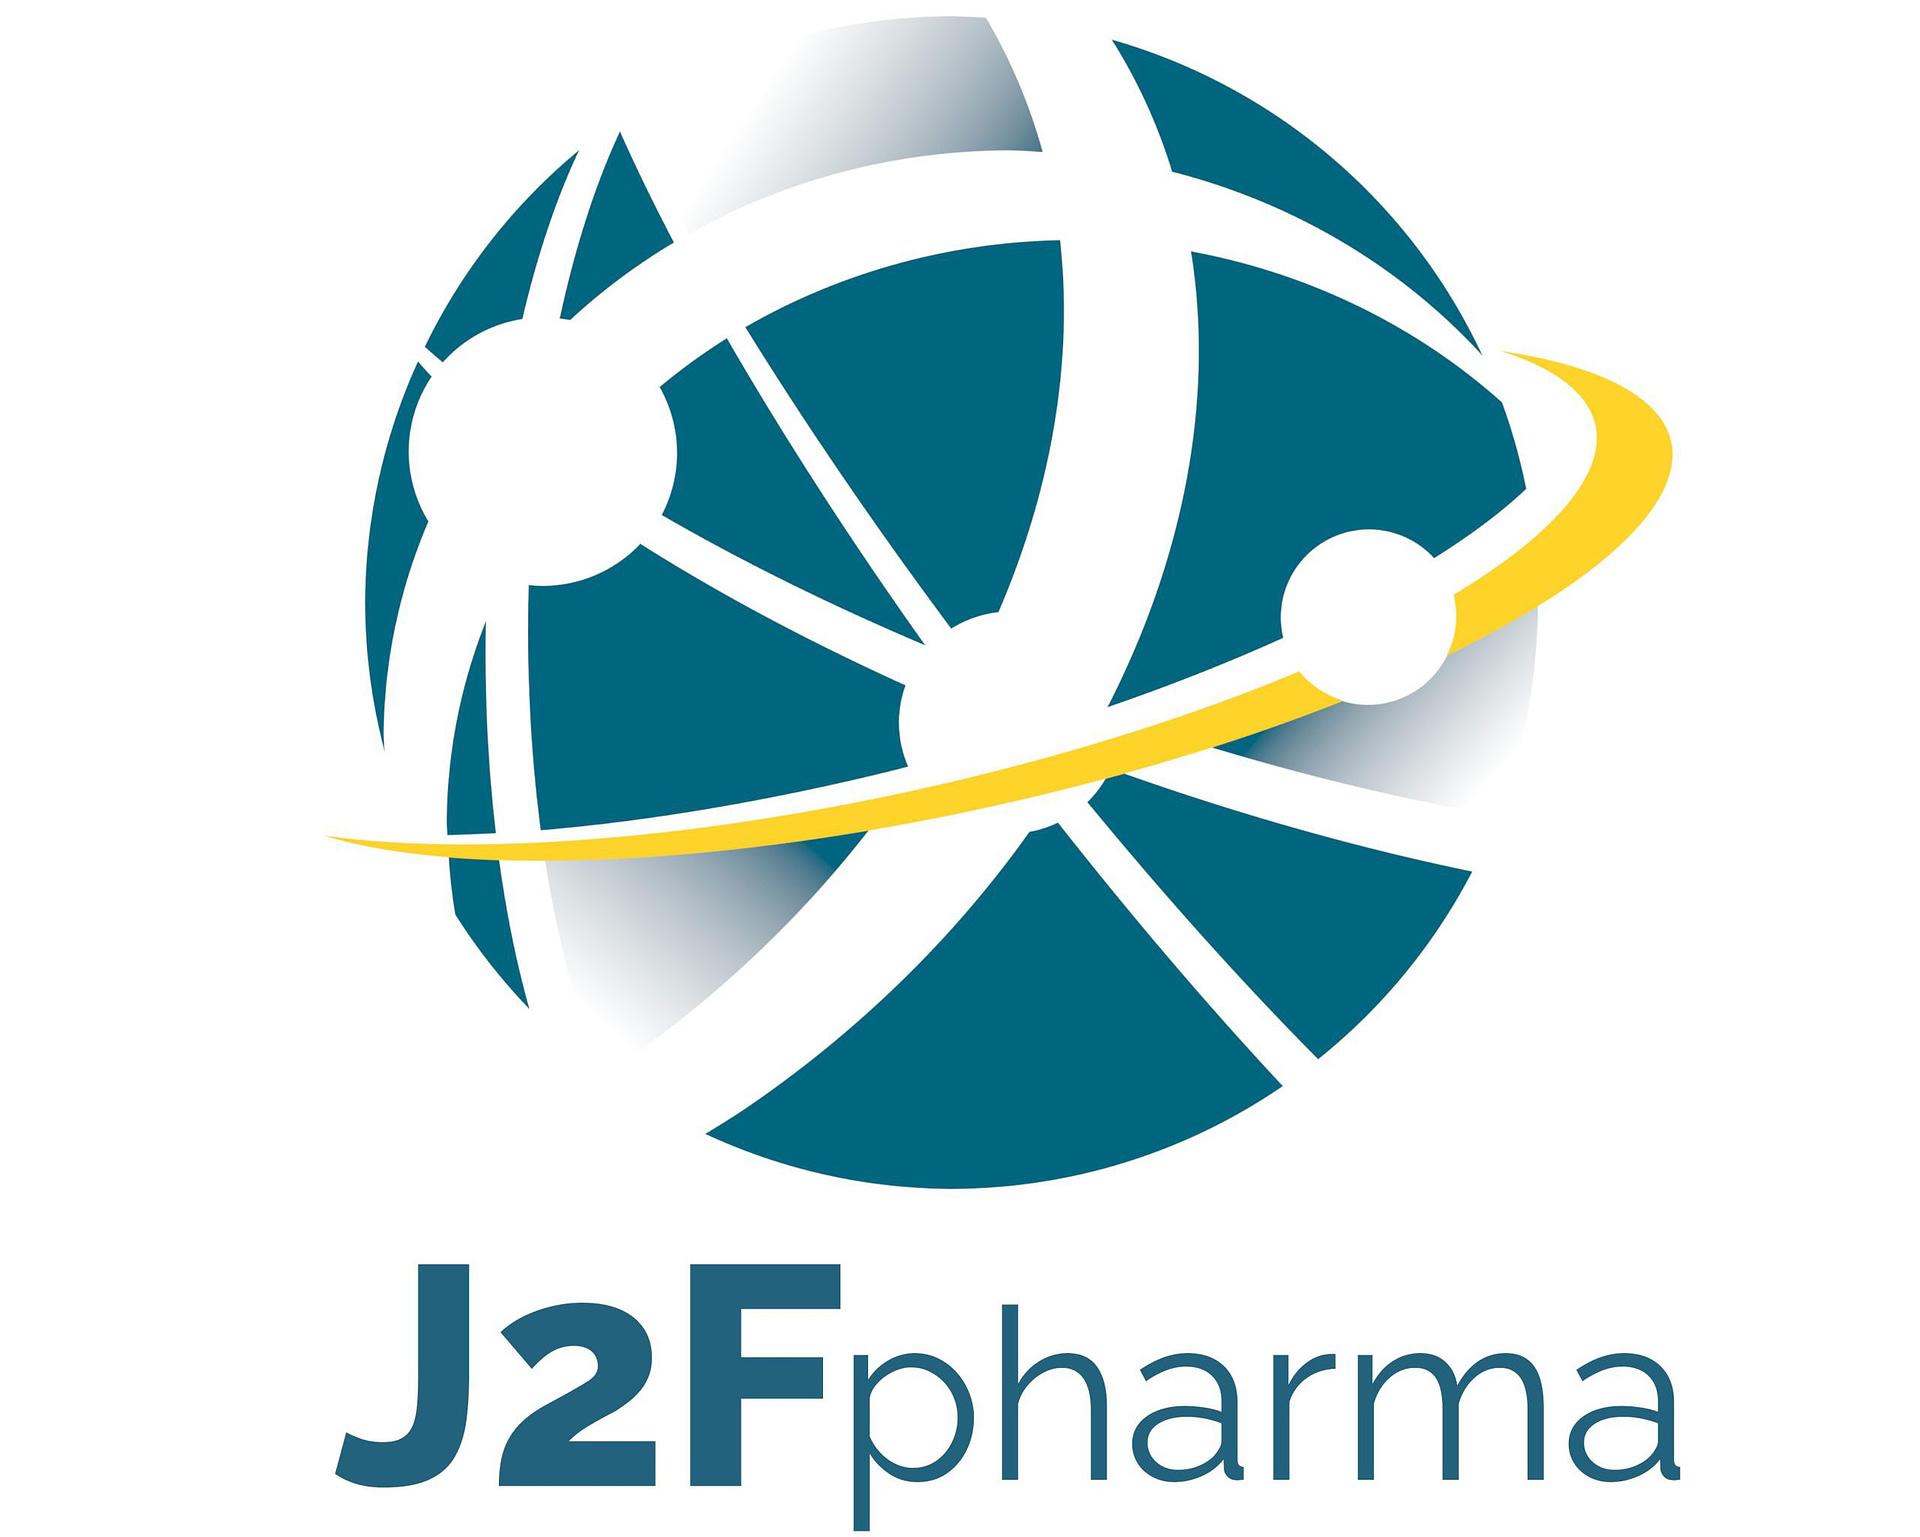 J2Fpharma's logo